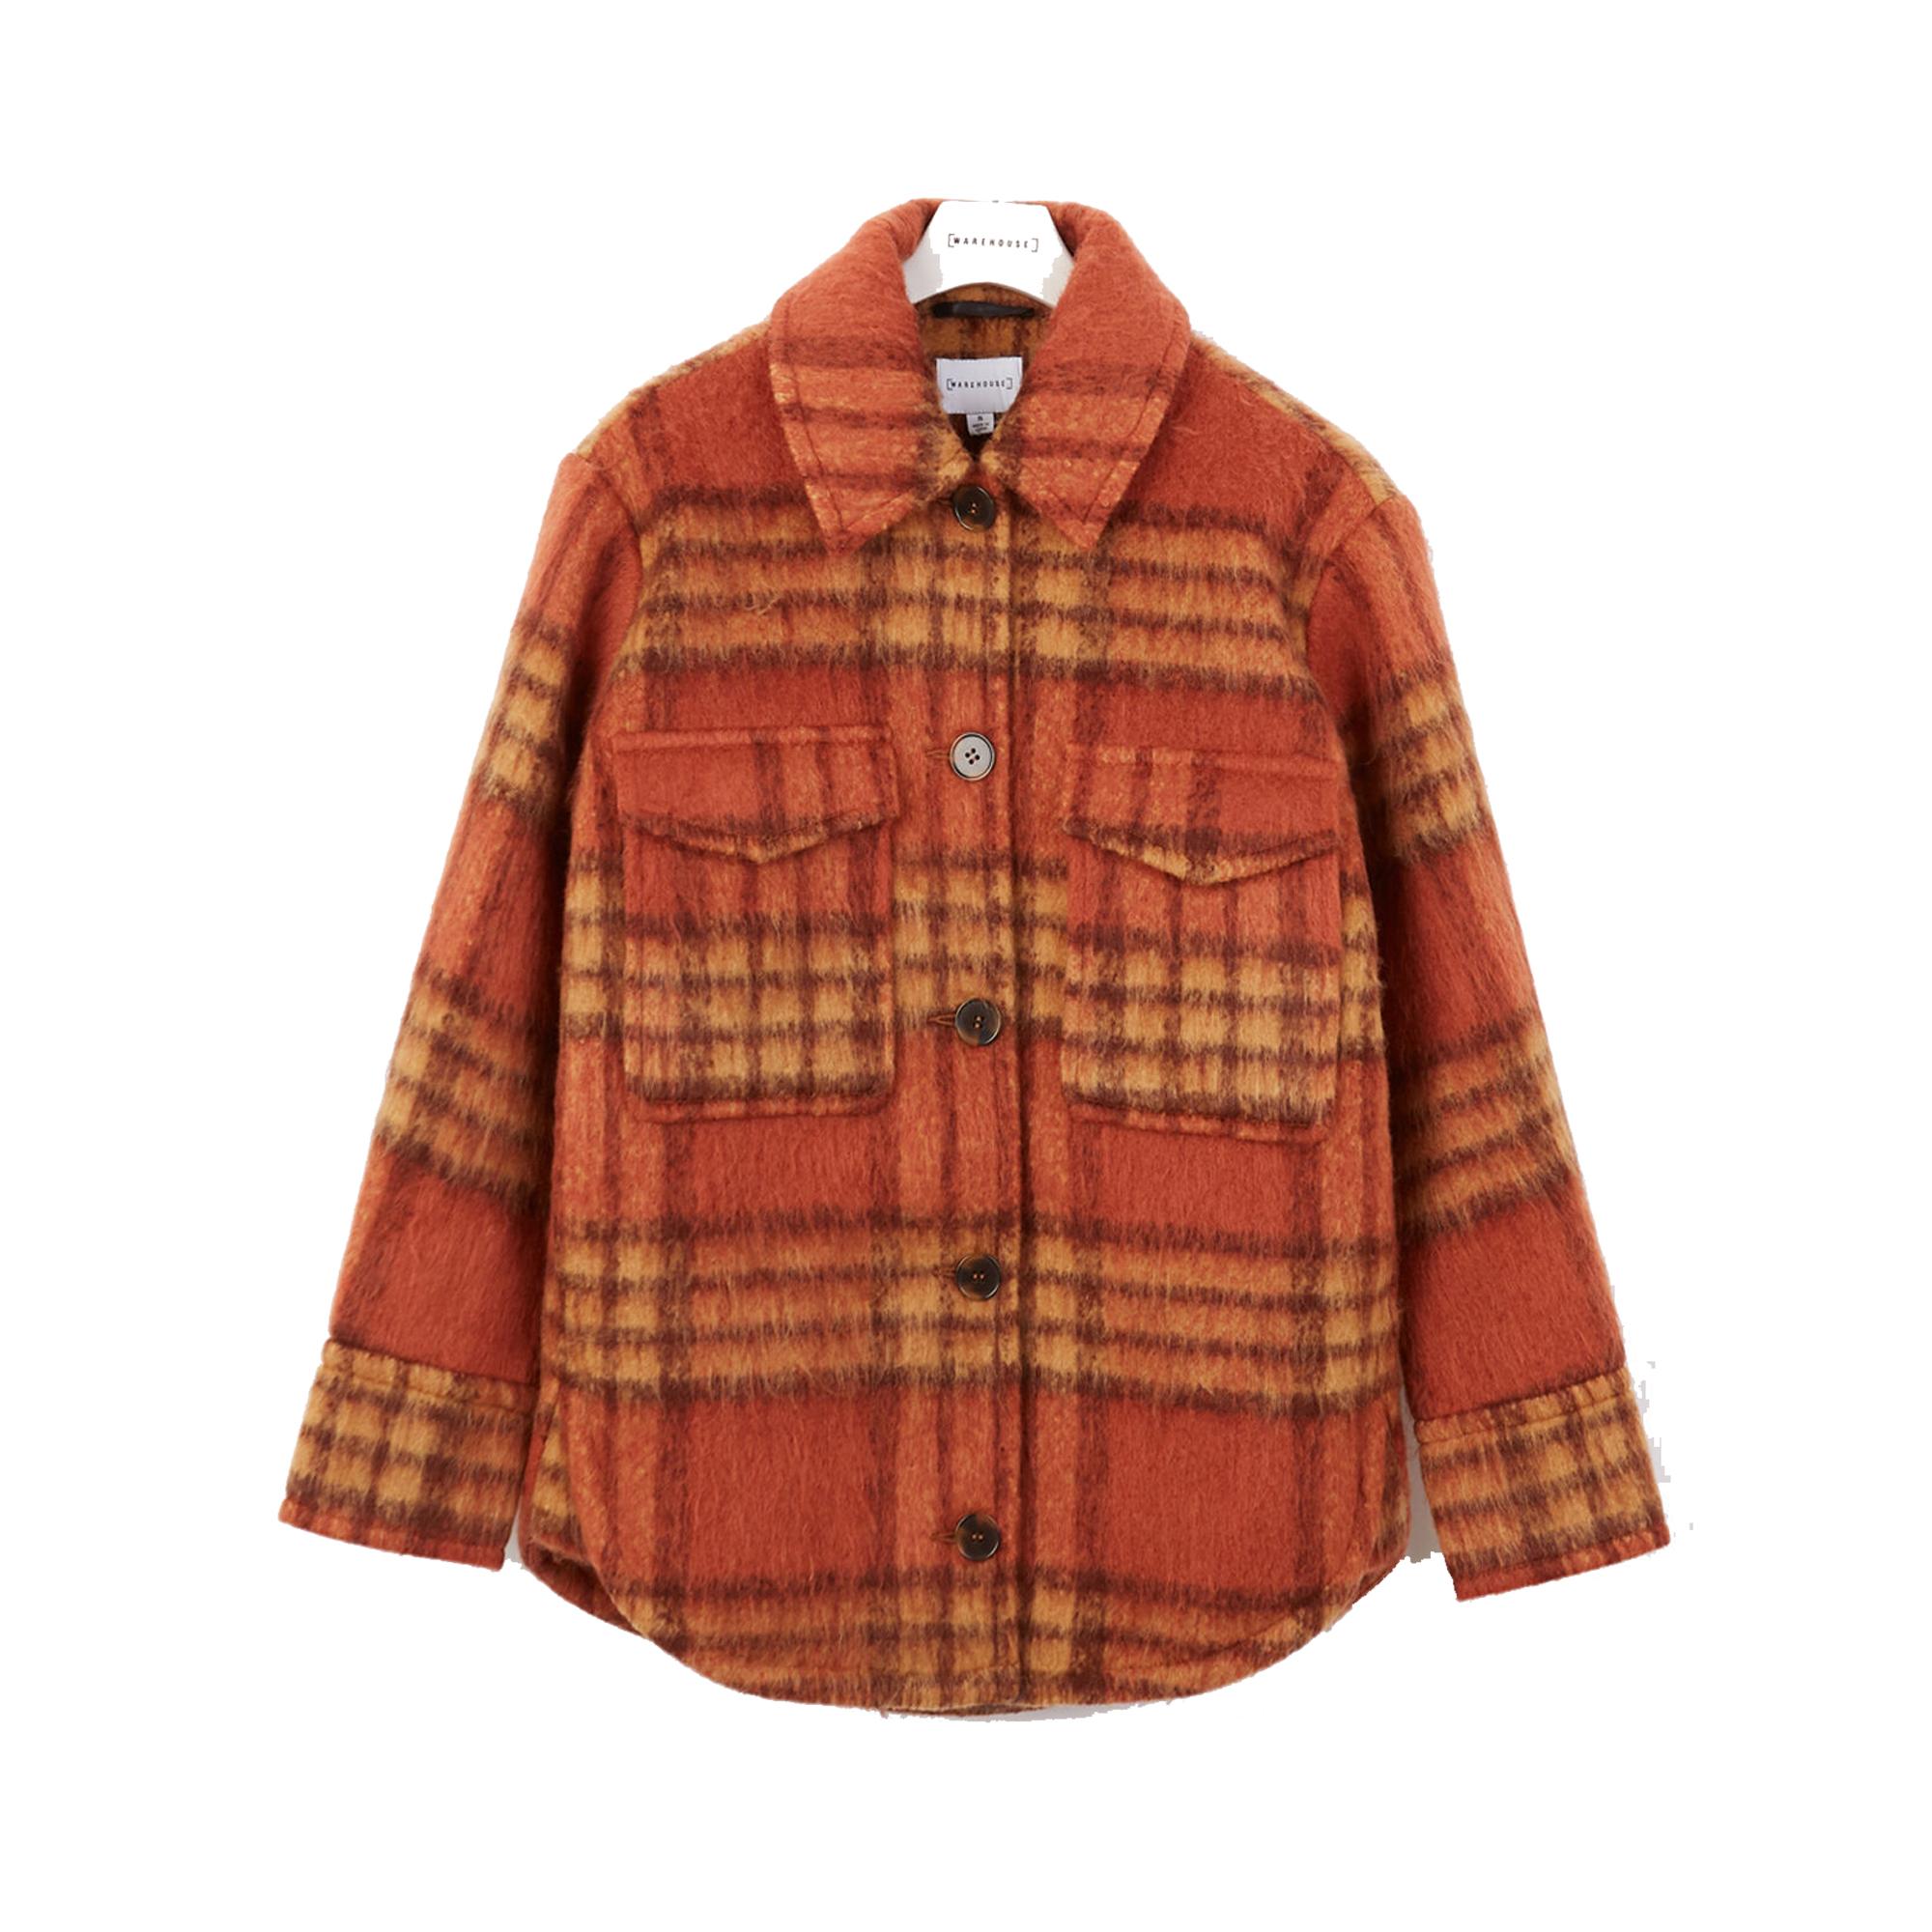 Warehouse Check Boxy Trucker Jacket